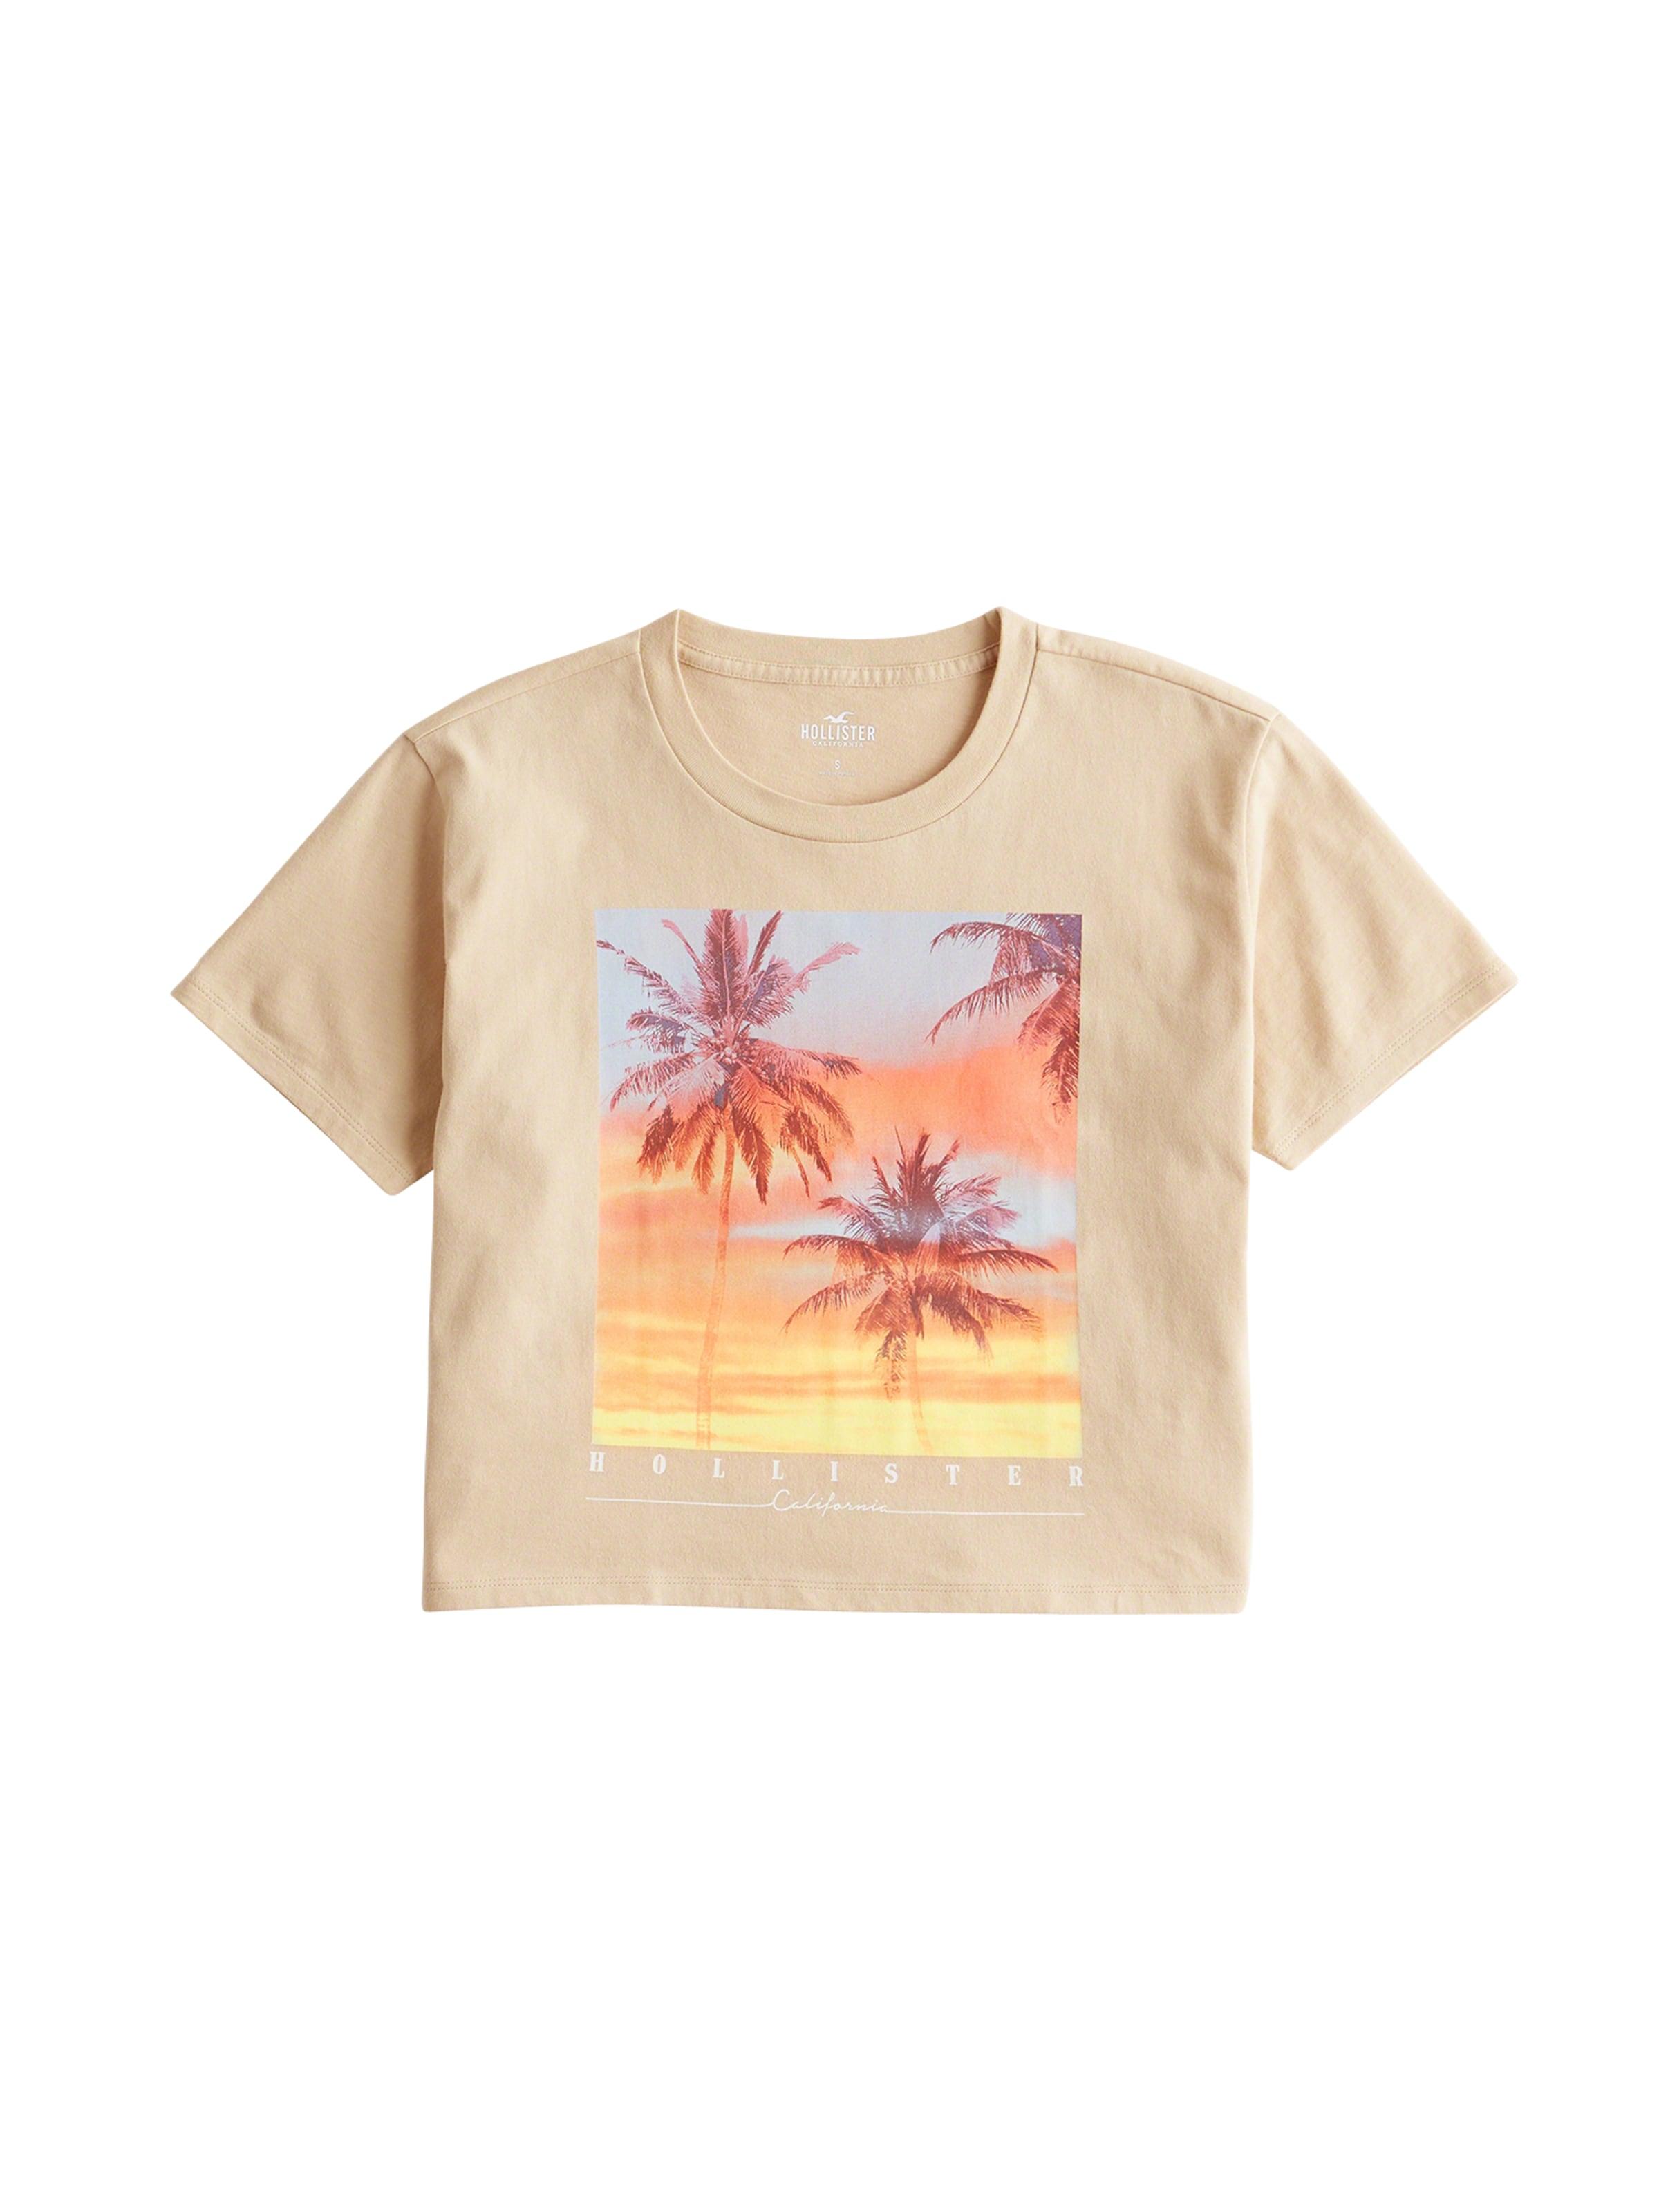 Shirt In Beige Beige Hollister In Shirt Hollister Hollister Beige In Shirt Hollister Shirt In zMUVpqS